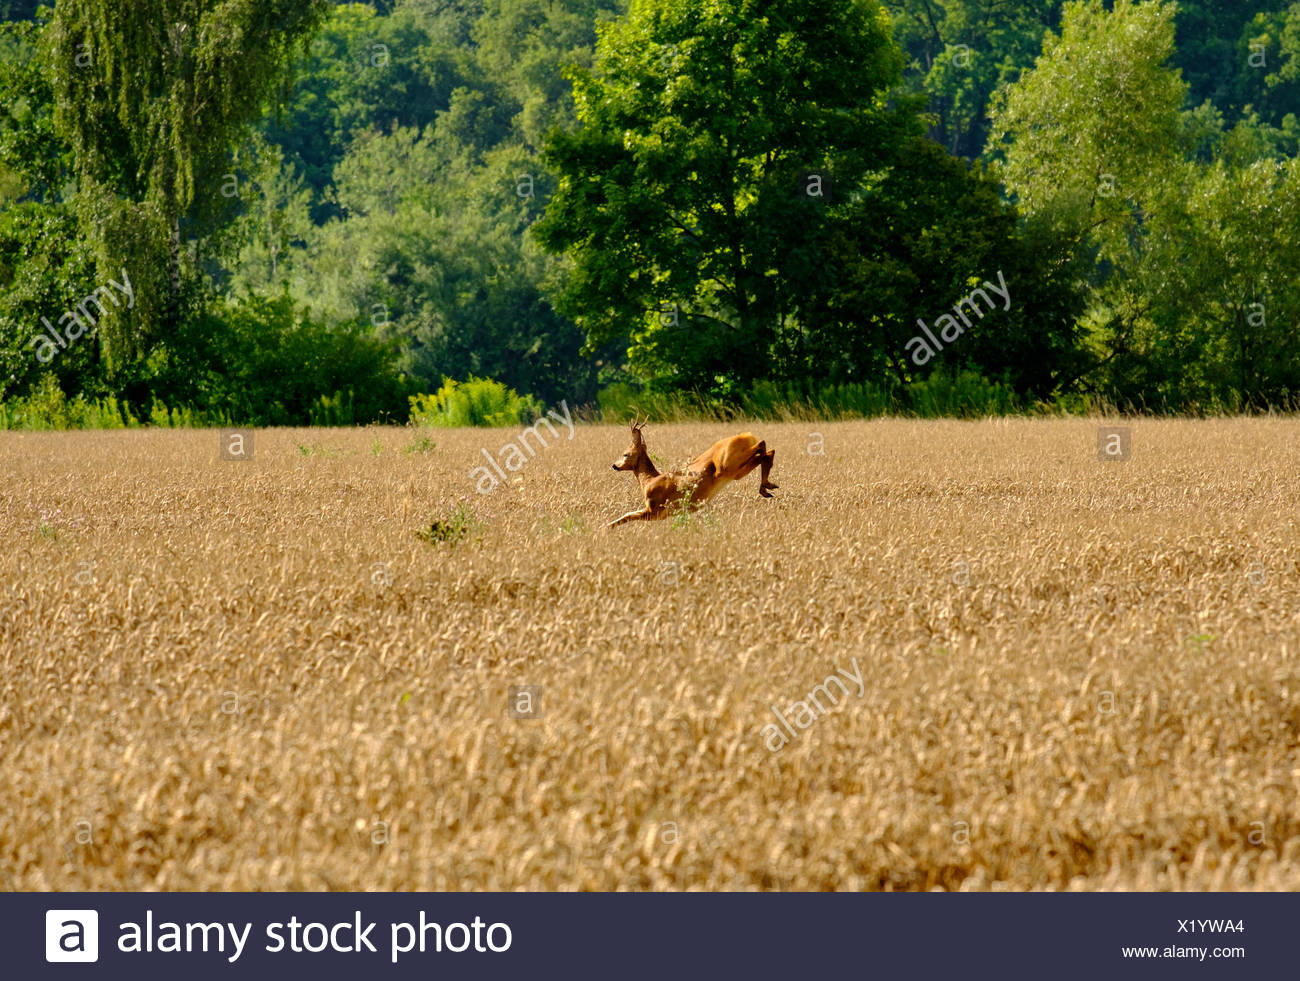 Saltos de ciervos en el campo de grano, Donaustauf, el Alto Palatinado, Baviera, Alemania Imagen De Stock